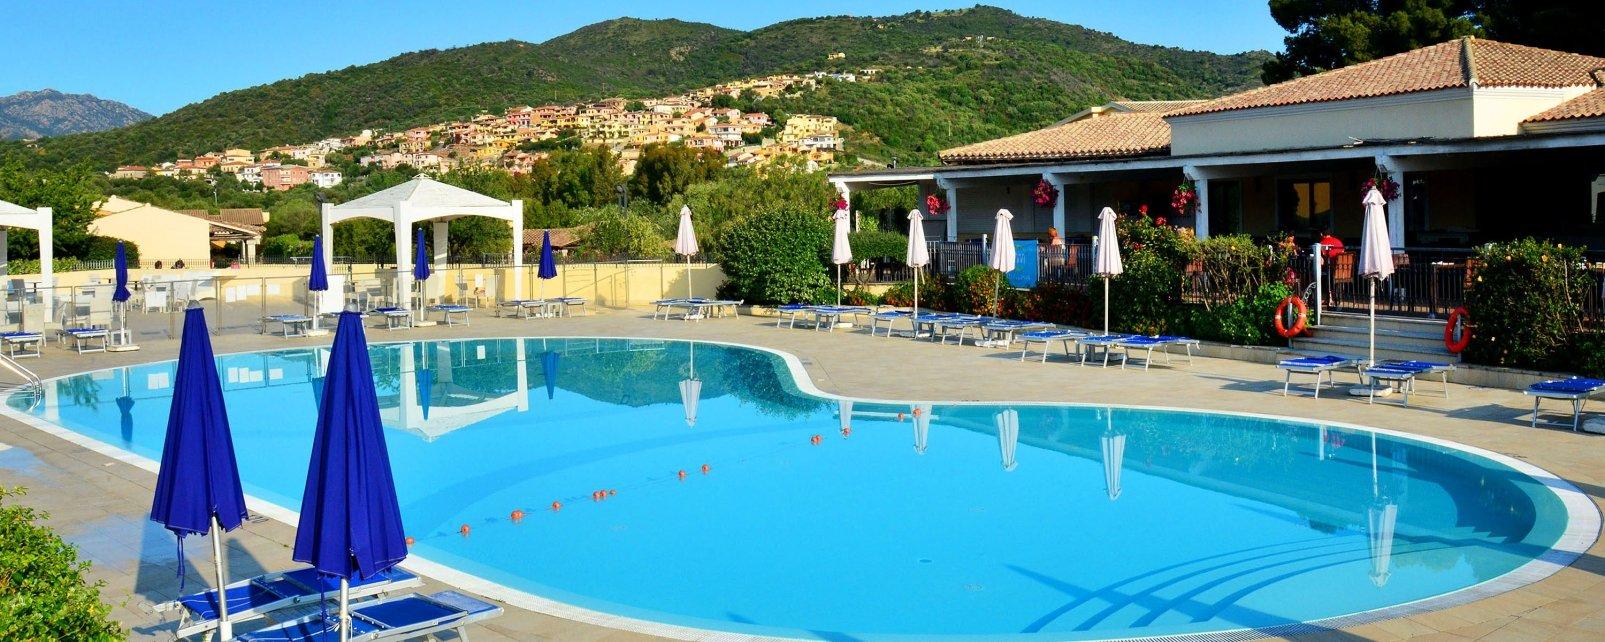 Hotel sporting ottiolu for Offerte budoni agosto